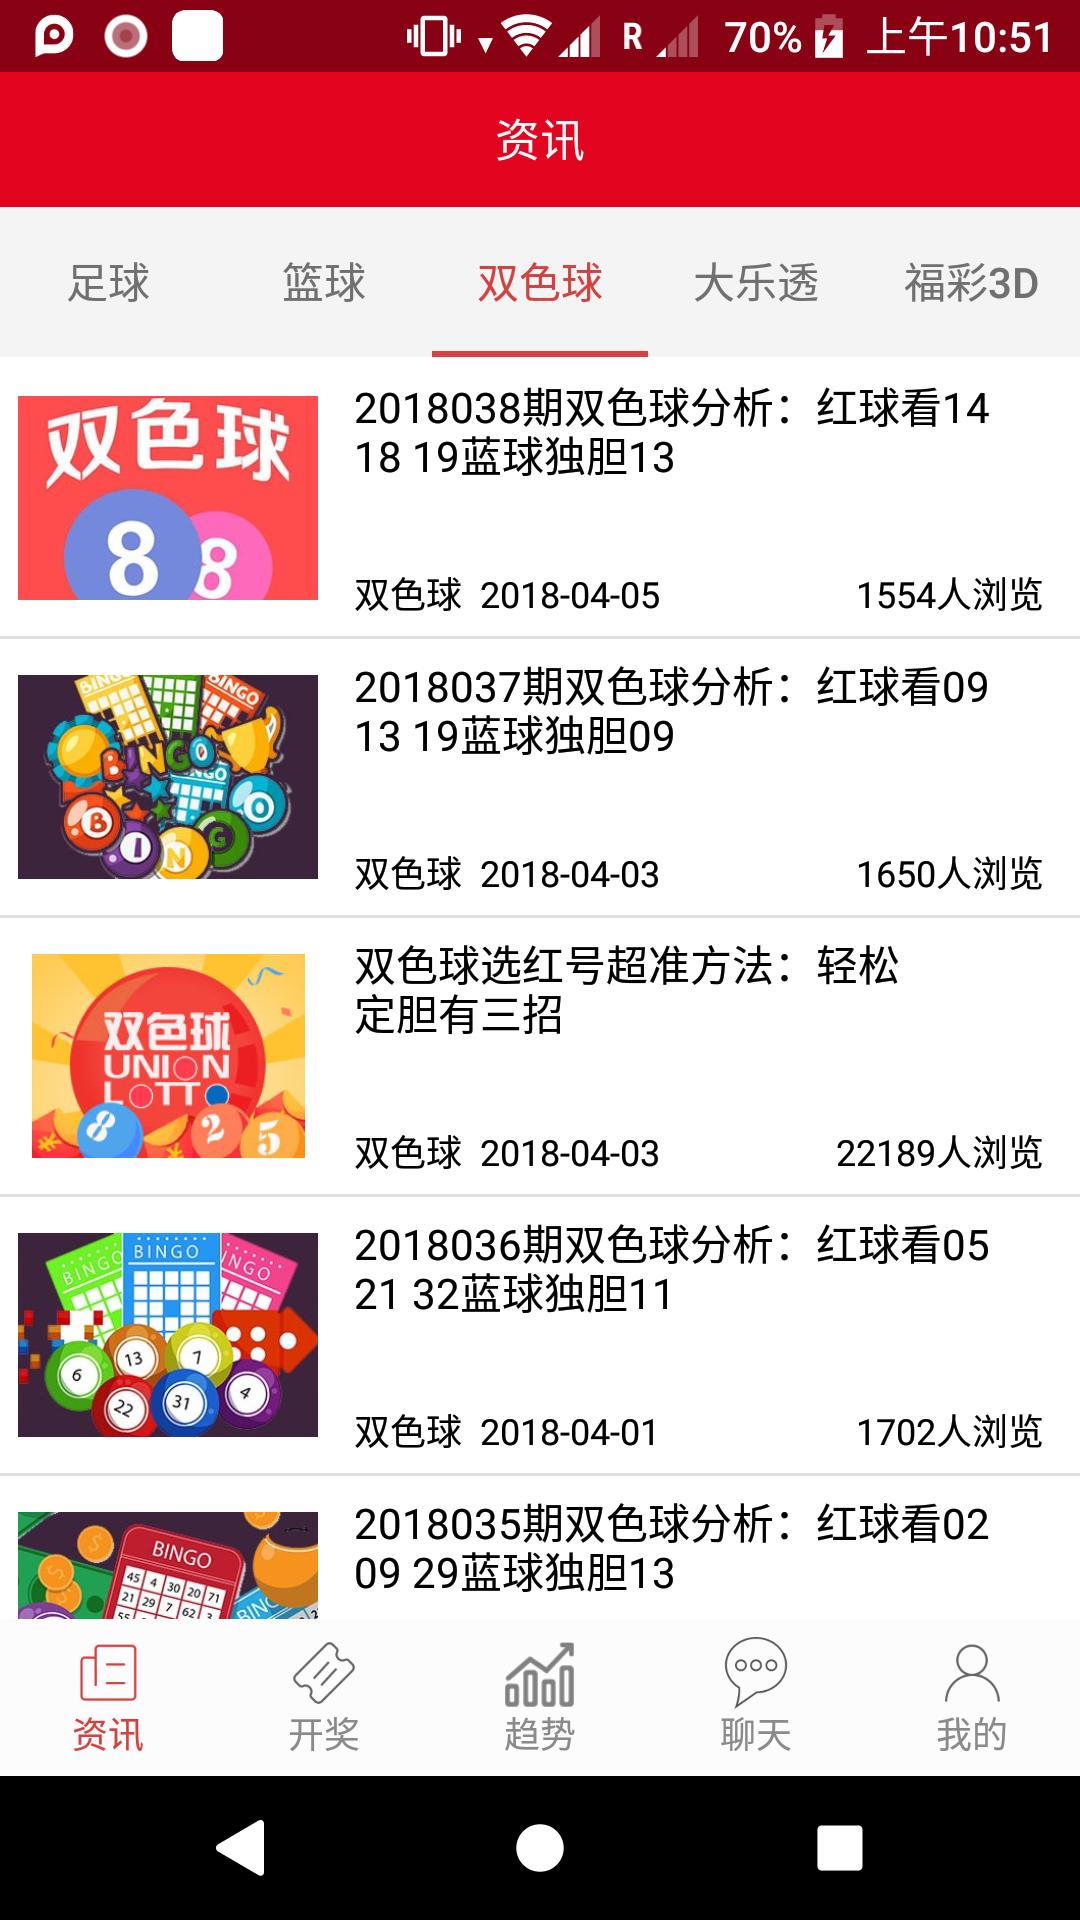 重庆时时彩专业版截图(4)